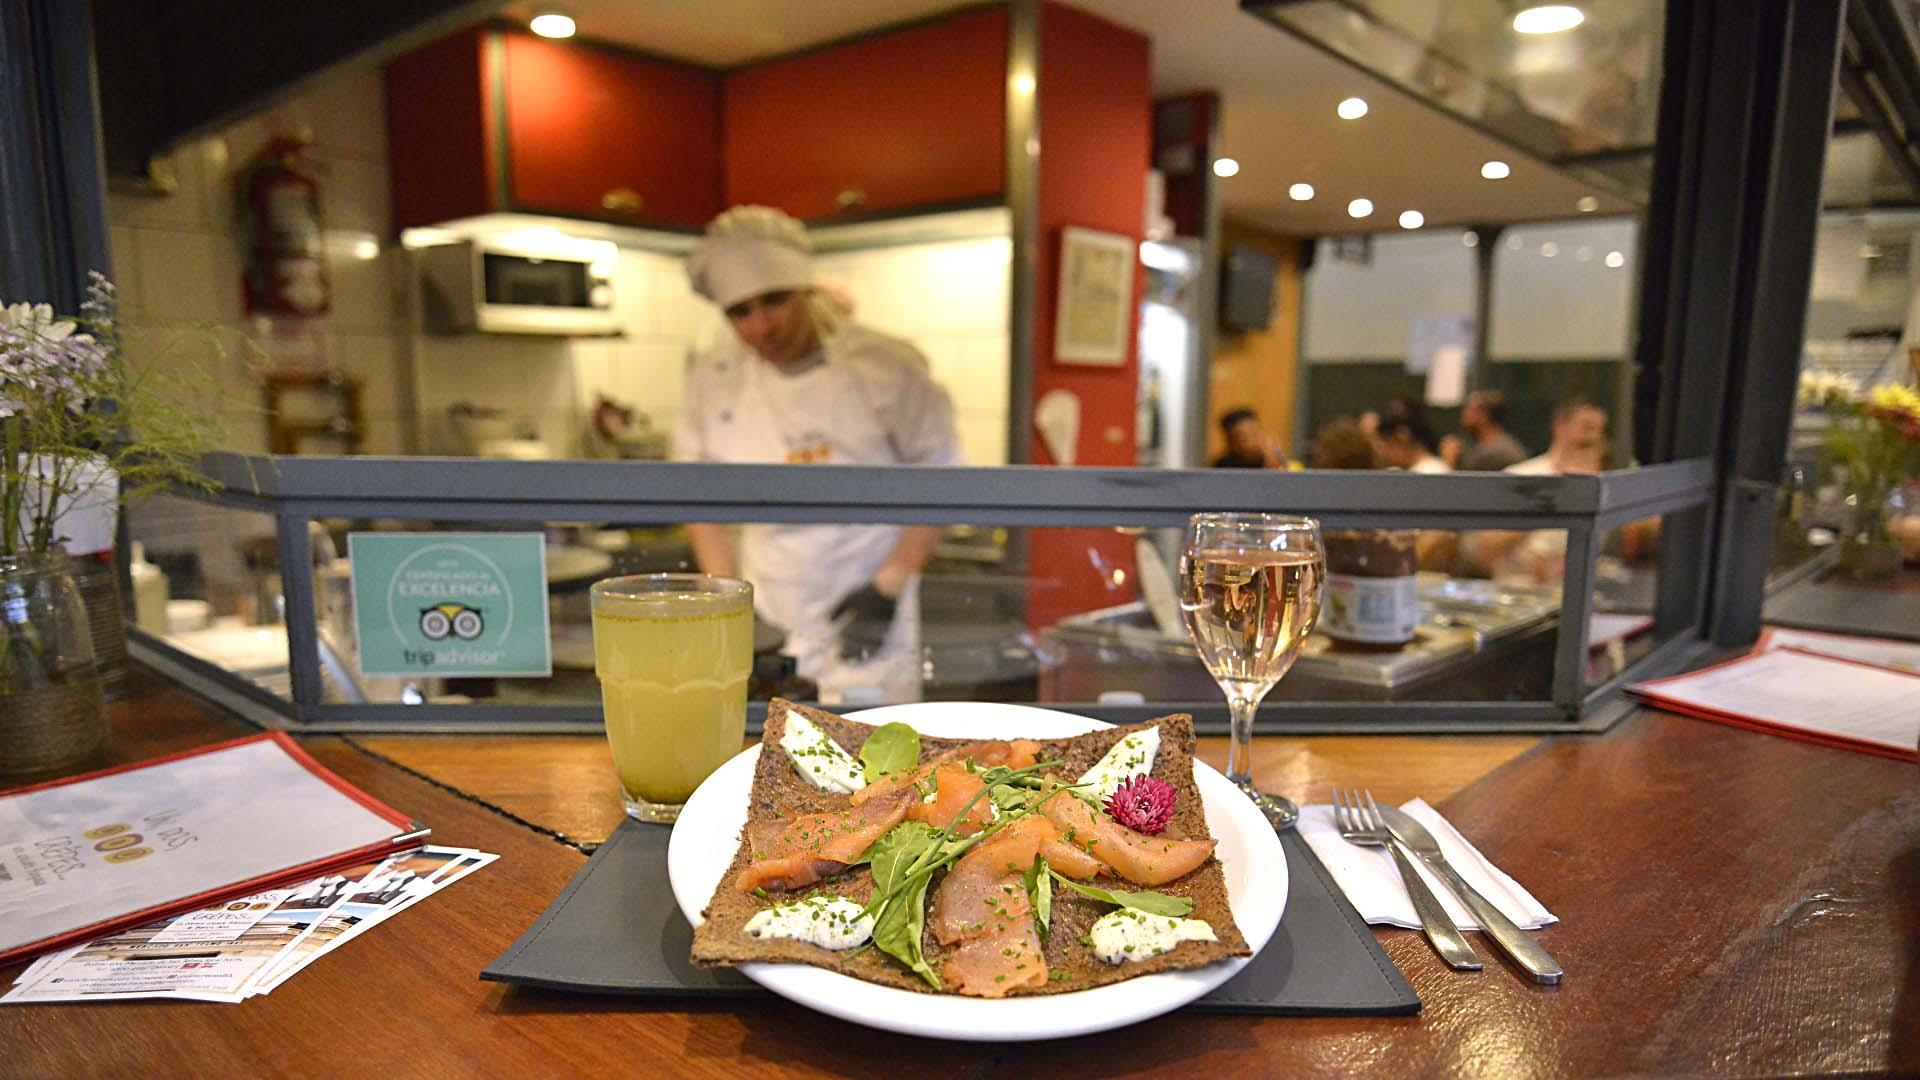 El crêpe del día: salado, con salmón ahumado, queso crema con ciboulette, finas especias y rúcula